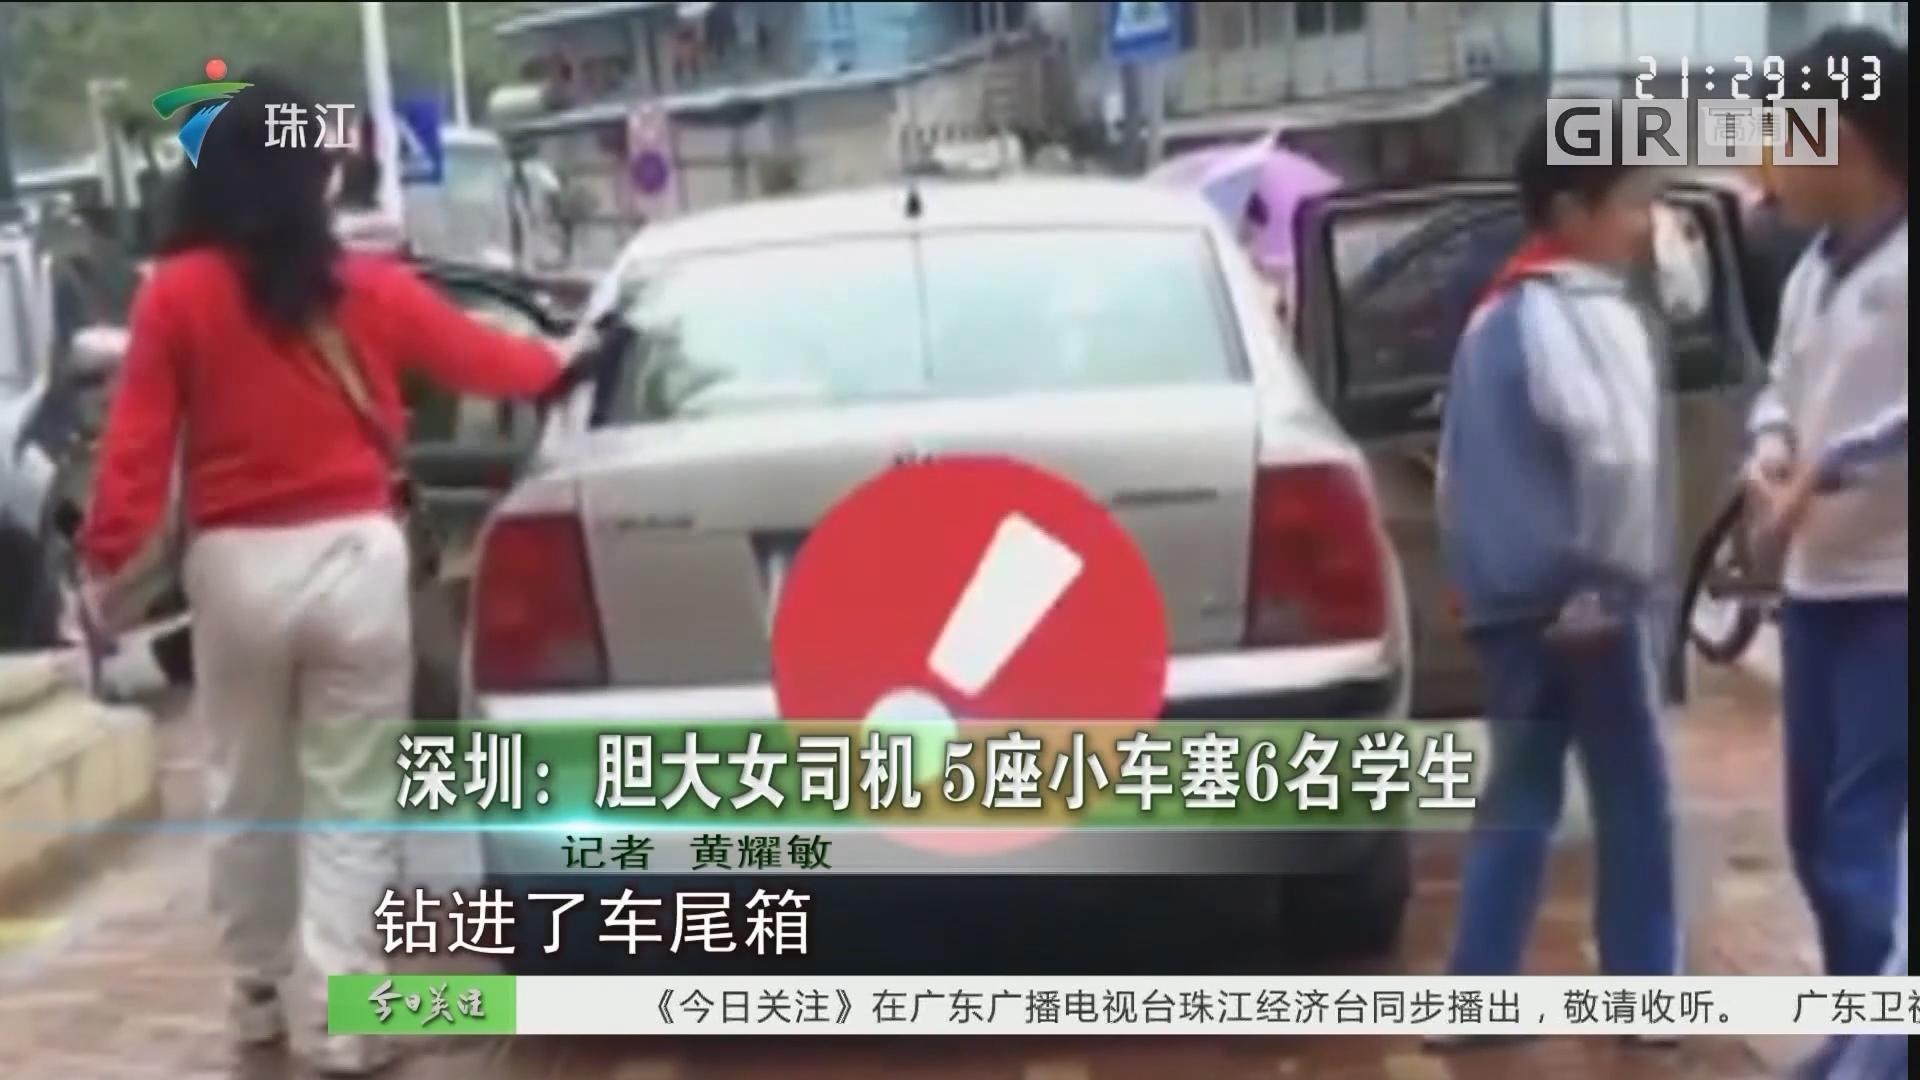 深圳:胆大女司机 5座小车塞6名学生